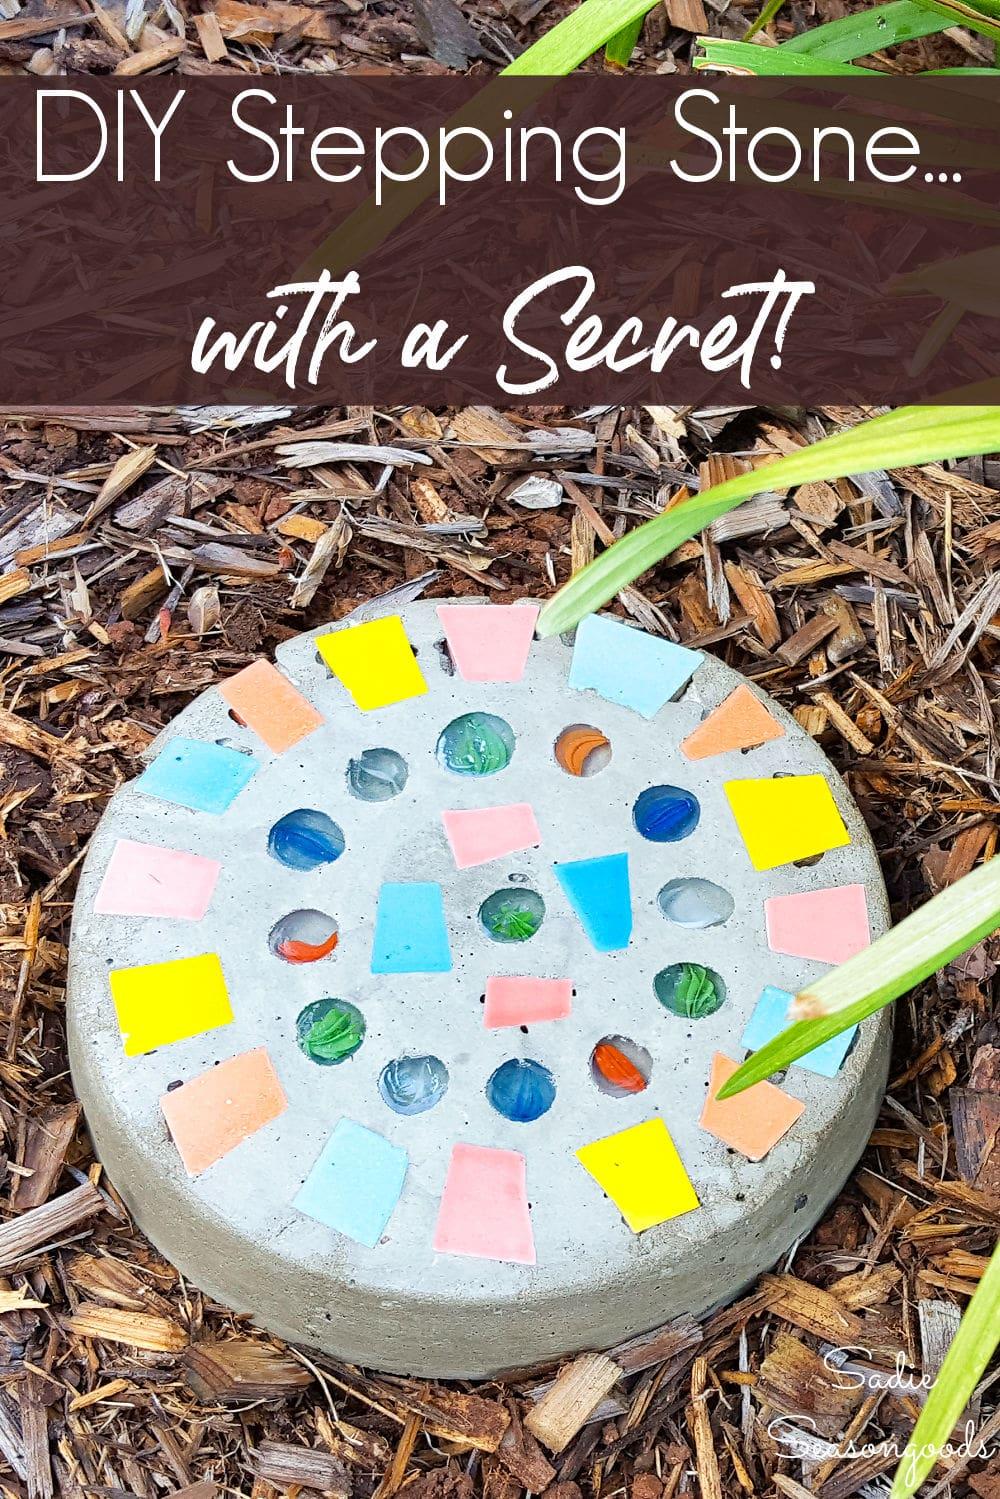 Secret key hider in a DIY stepping stone